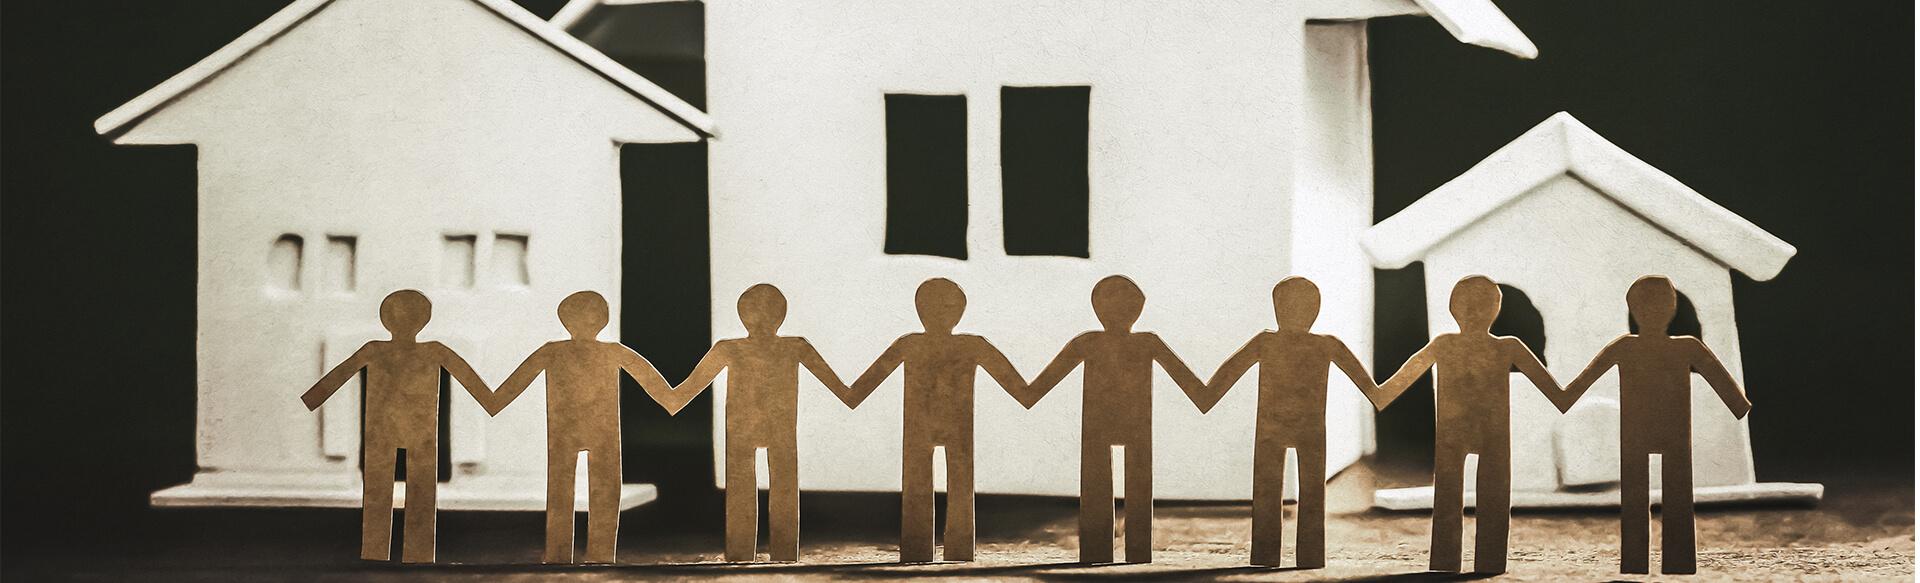 Seja um bom vizinho e conviva melhor com os moradores do seu prédio